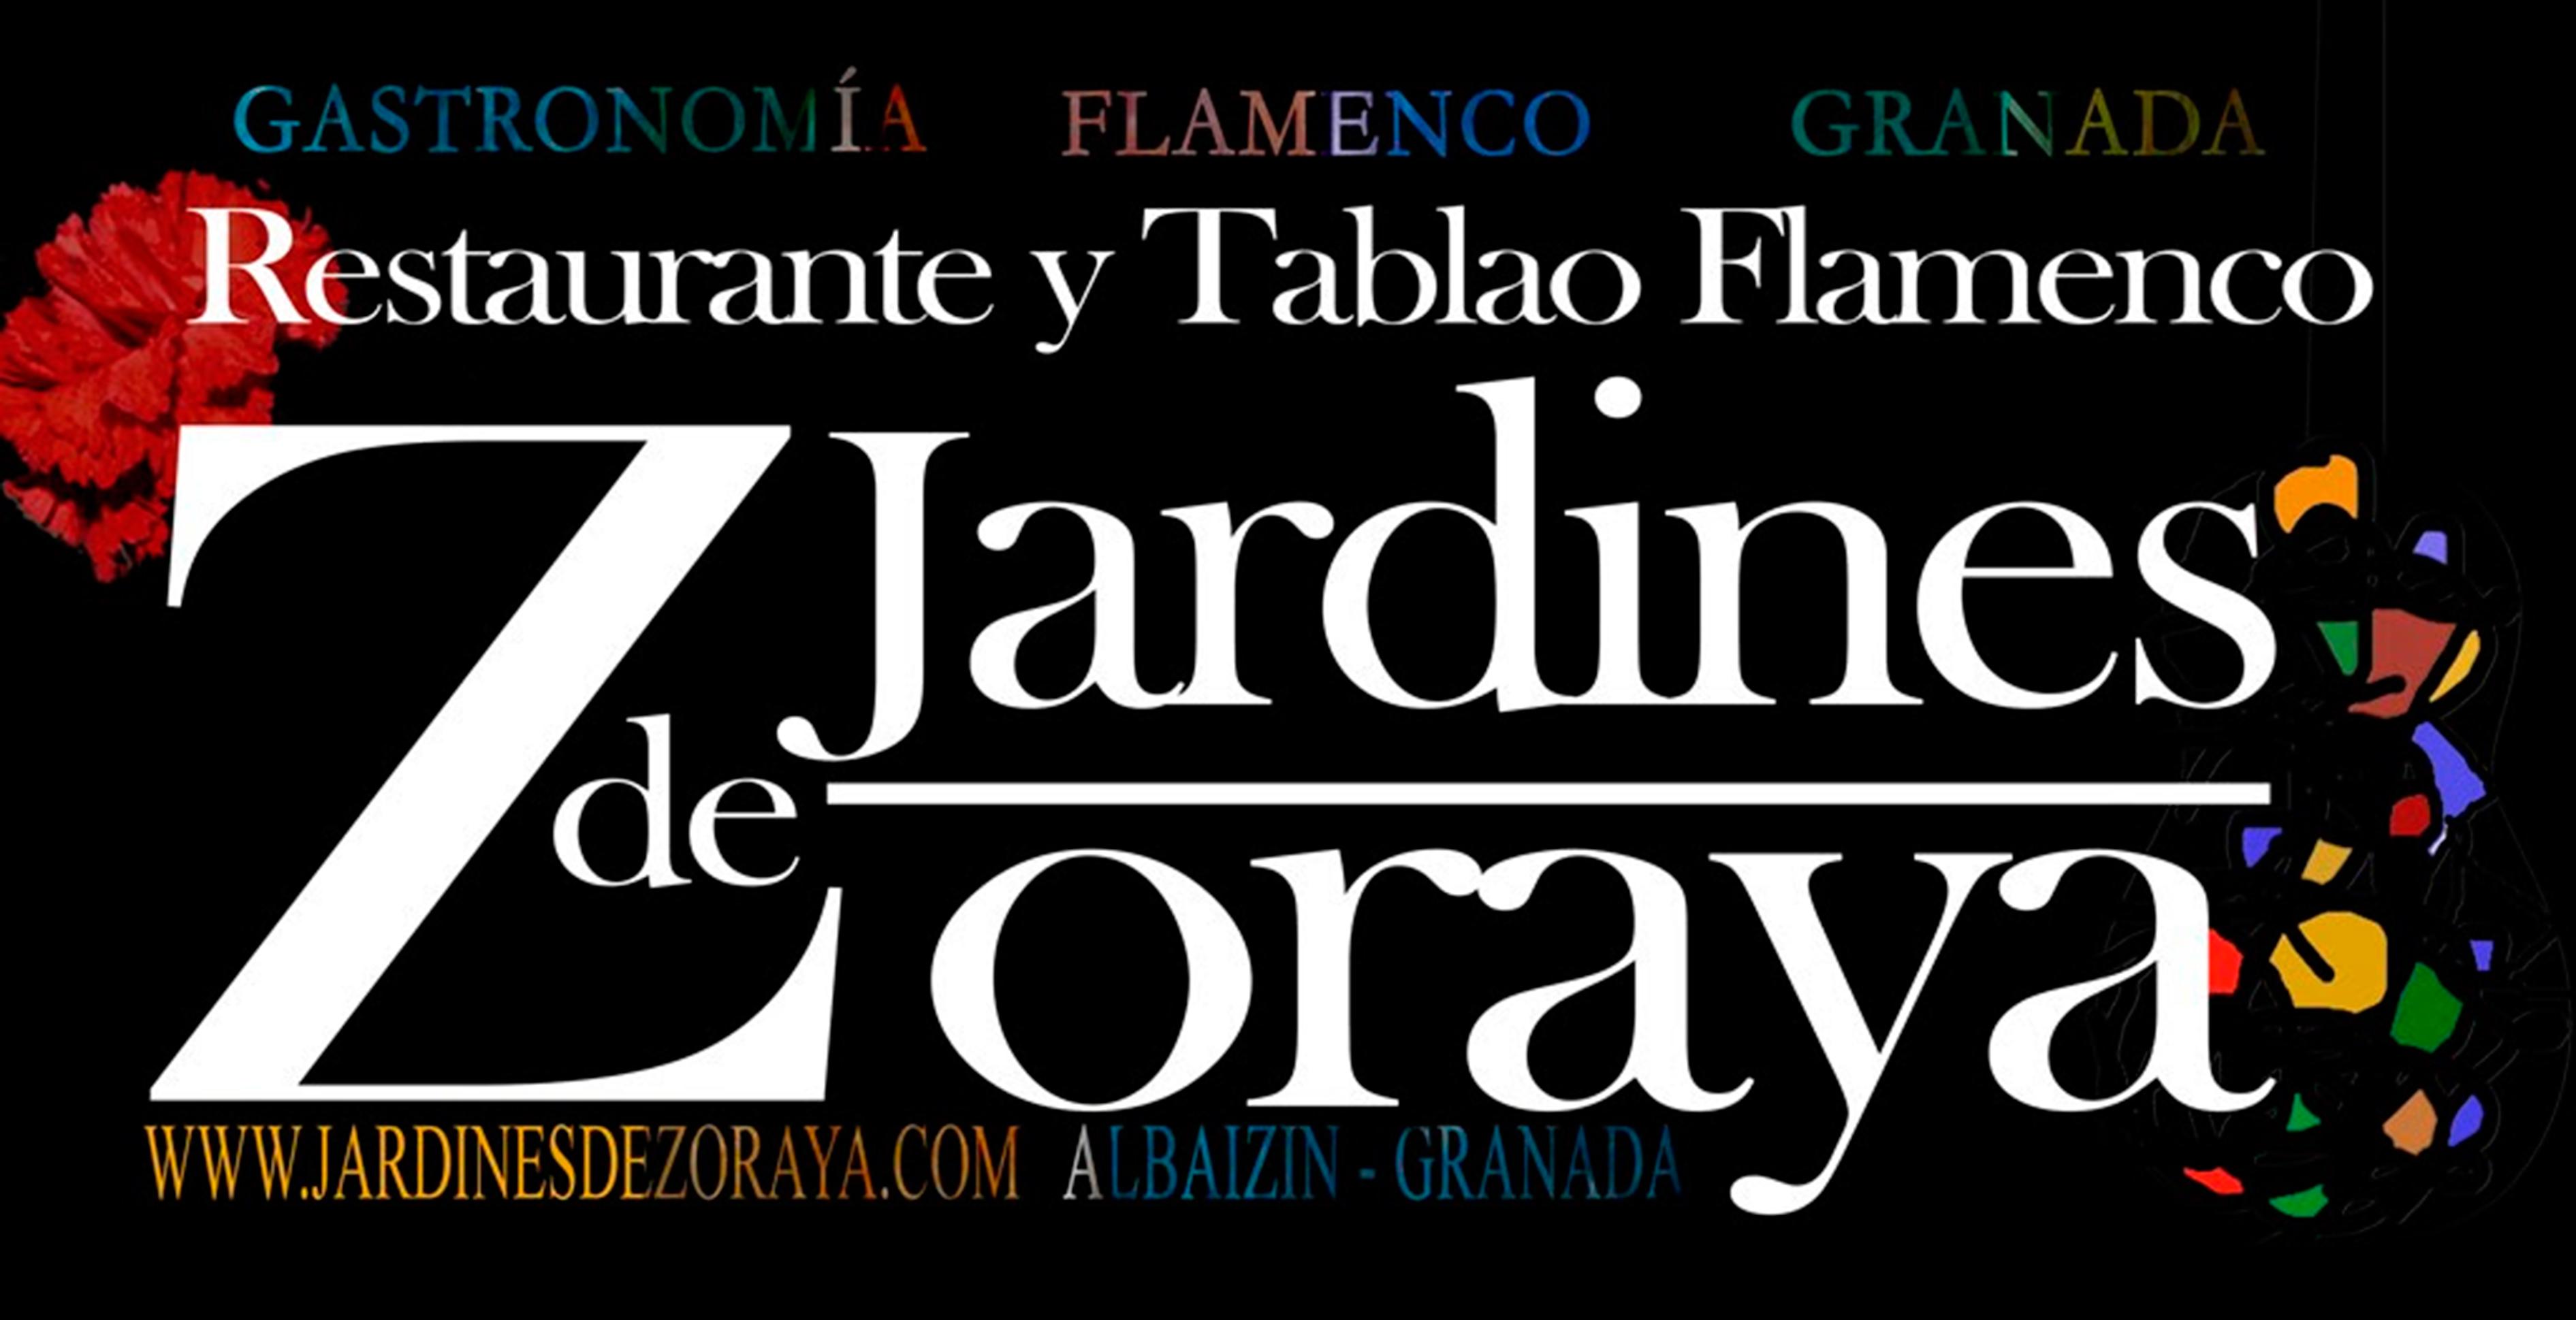 FLAMENCO EN VIVO JARDINES DE ZORAYA